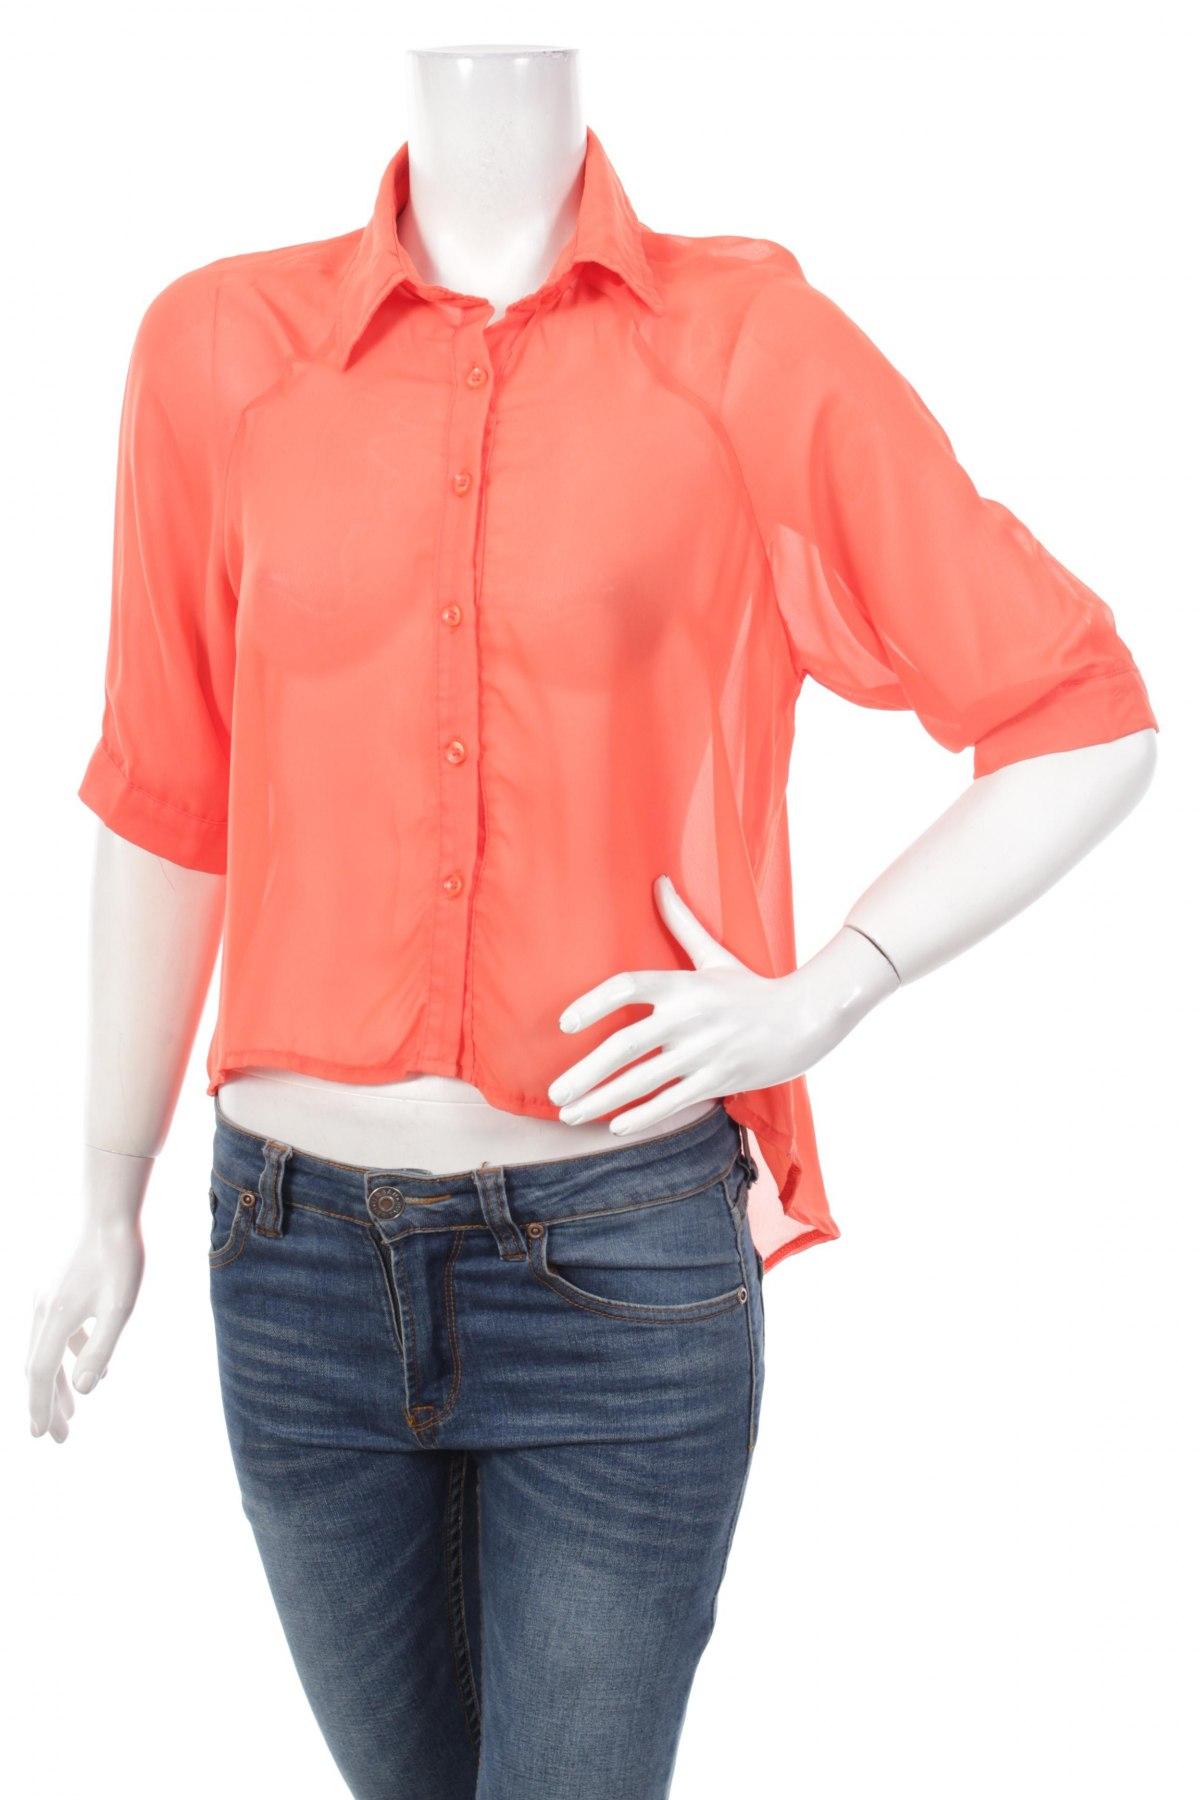 Γυναικείο πουκάμισο, Μέγεθος M, Χρώμα Πορτοκαλί, Τιμή 12,99€